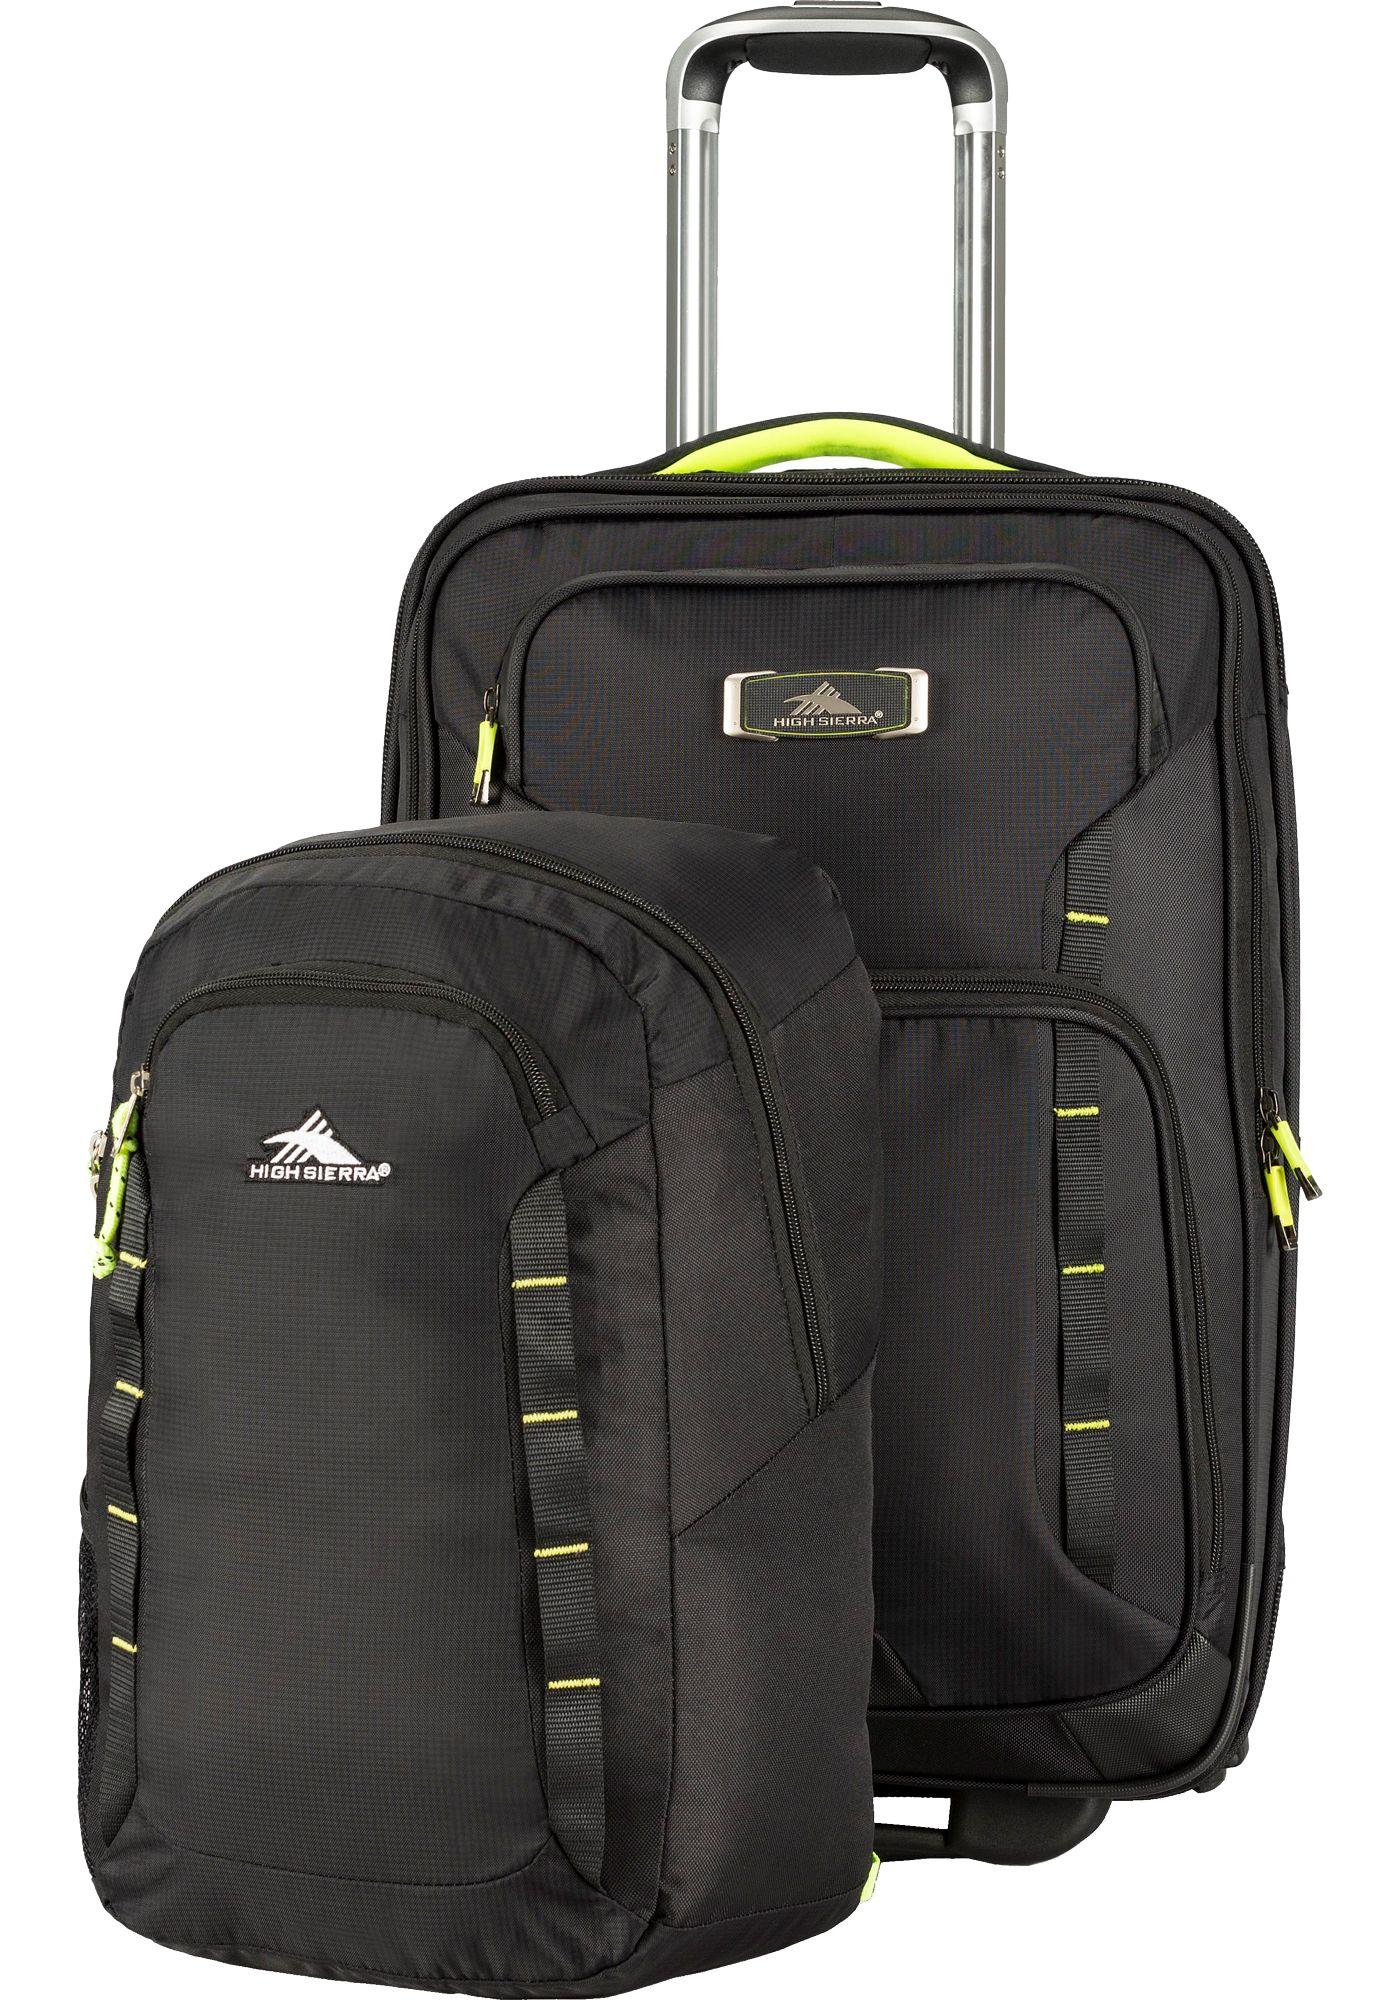 High Sierra AT8 Wheeled Duffle With Pack N Go Backpack